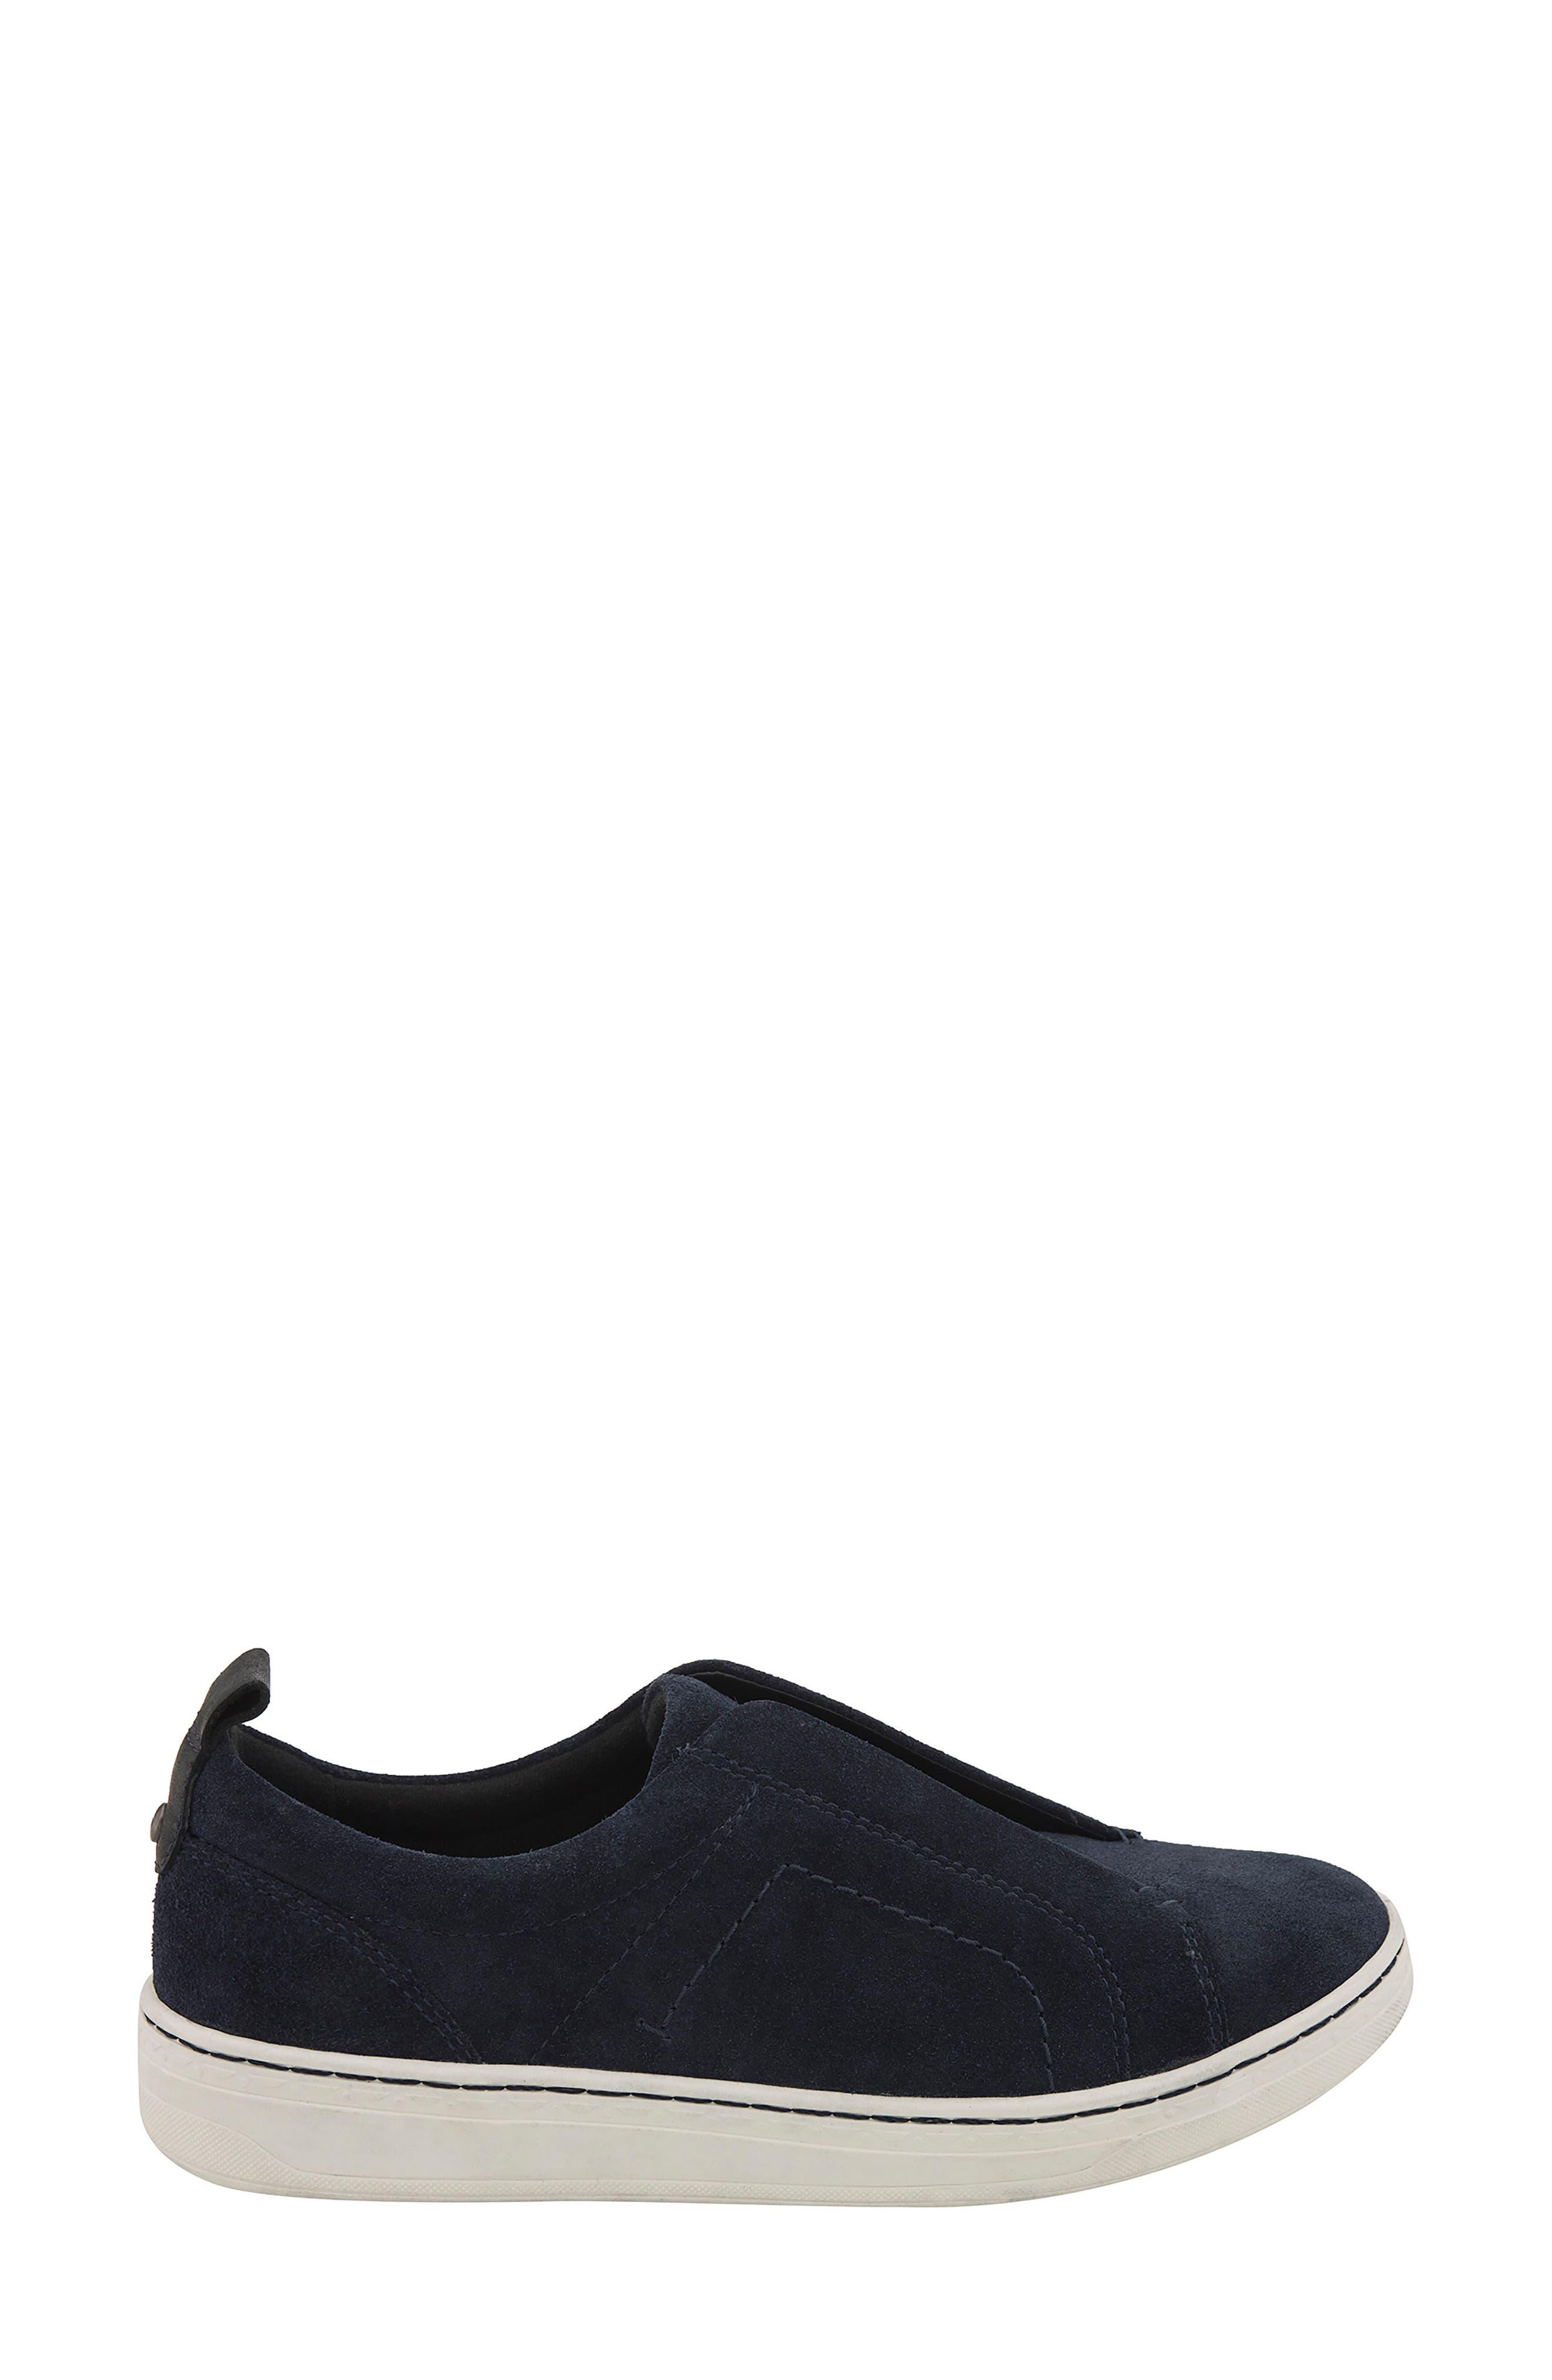 Zetta Slip-On Sneaker,                             Alternate thumbnail 8, color,